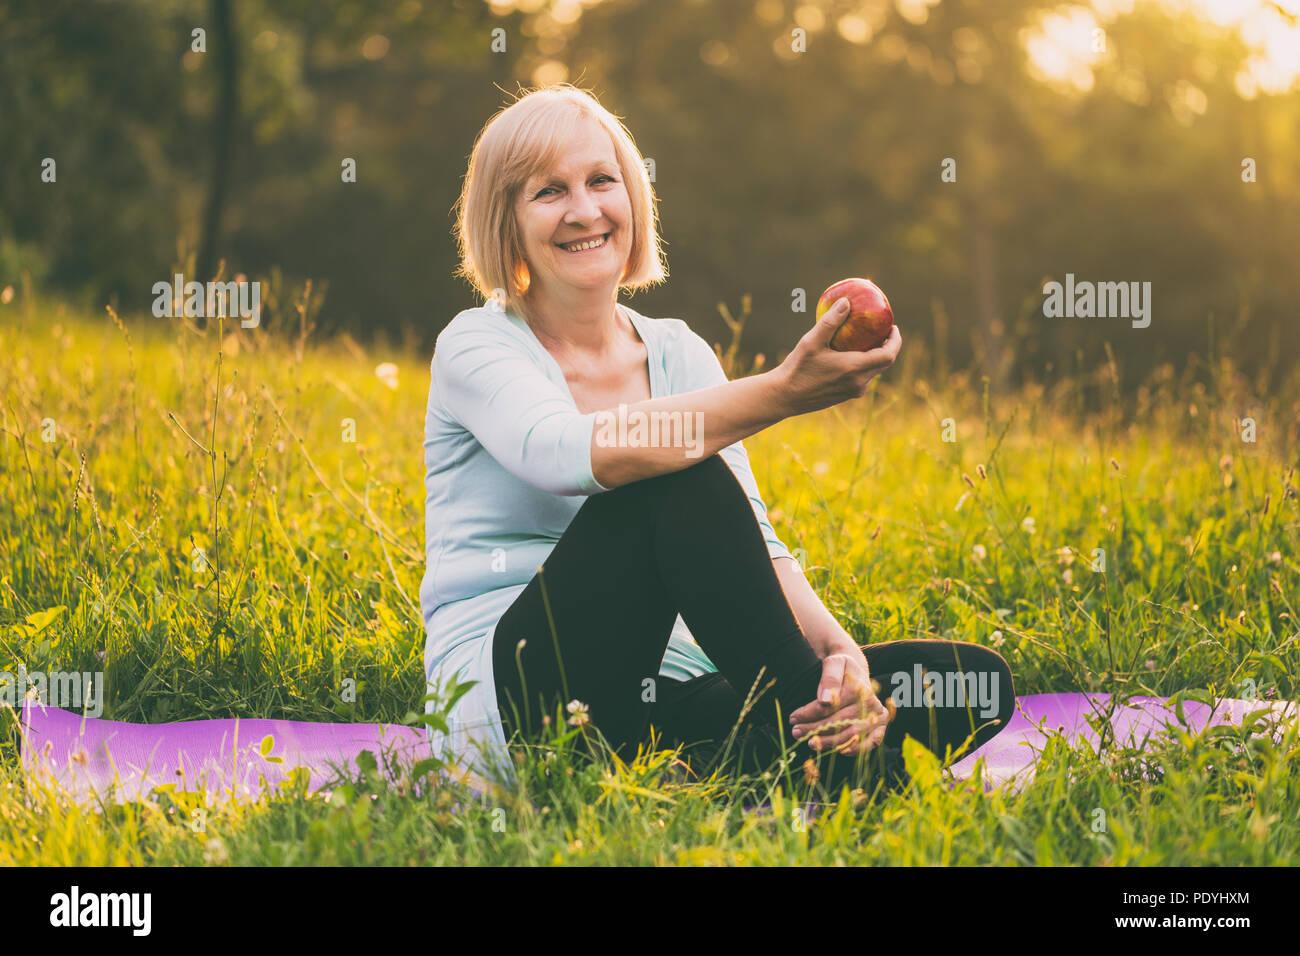 Ritratto di active senior donna mangiare apple dopo esercizio.Immagine è intenzionalmente tonica. Immagini Stock